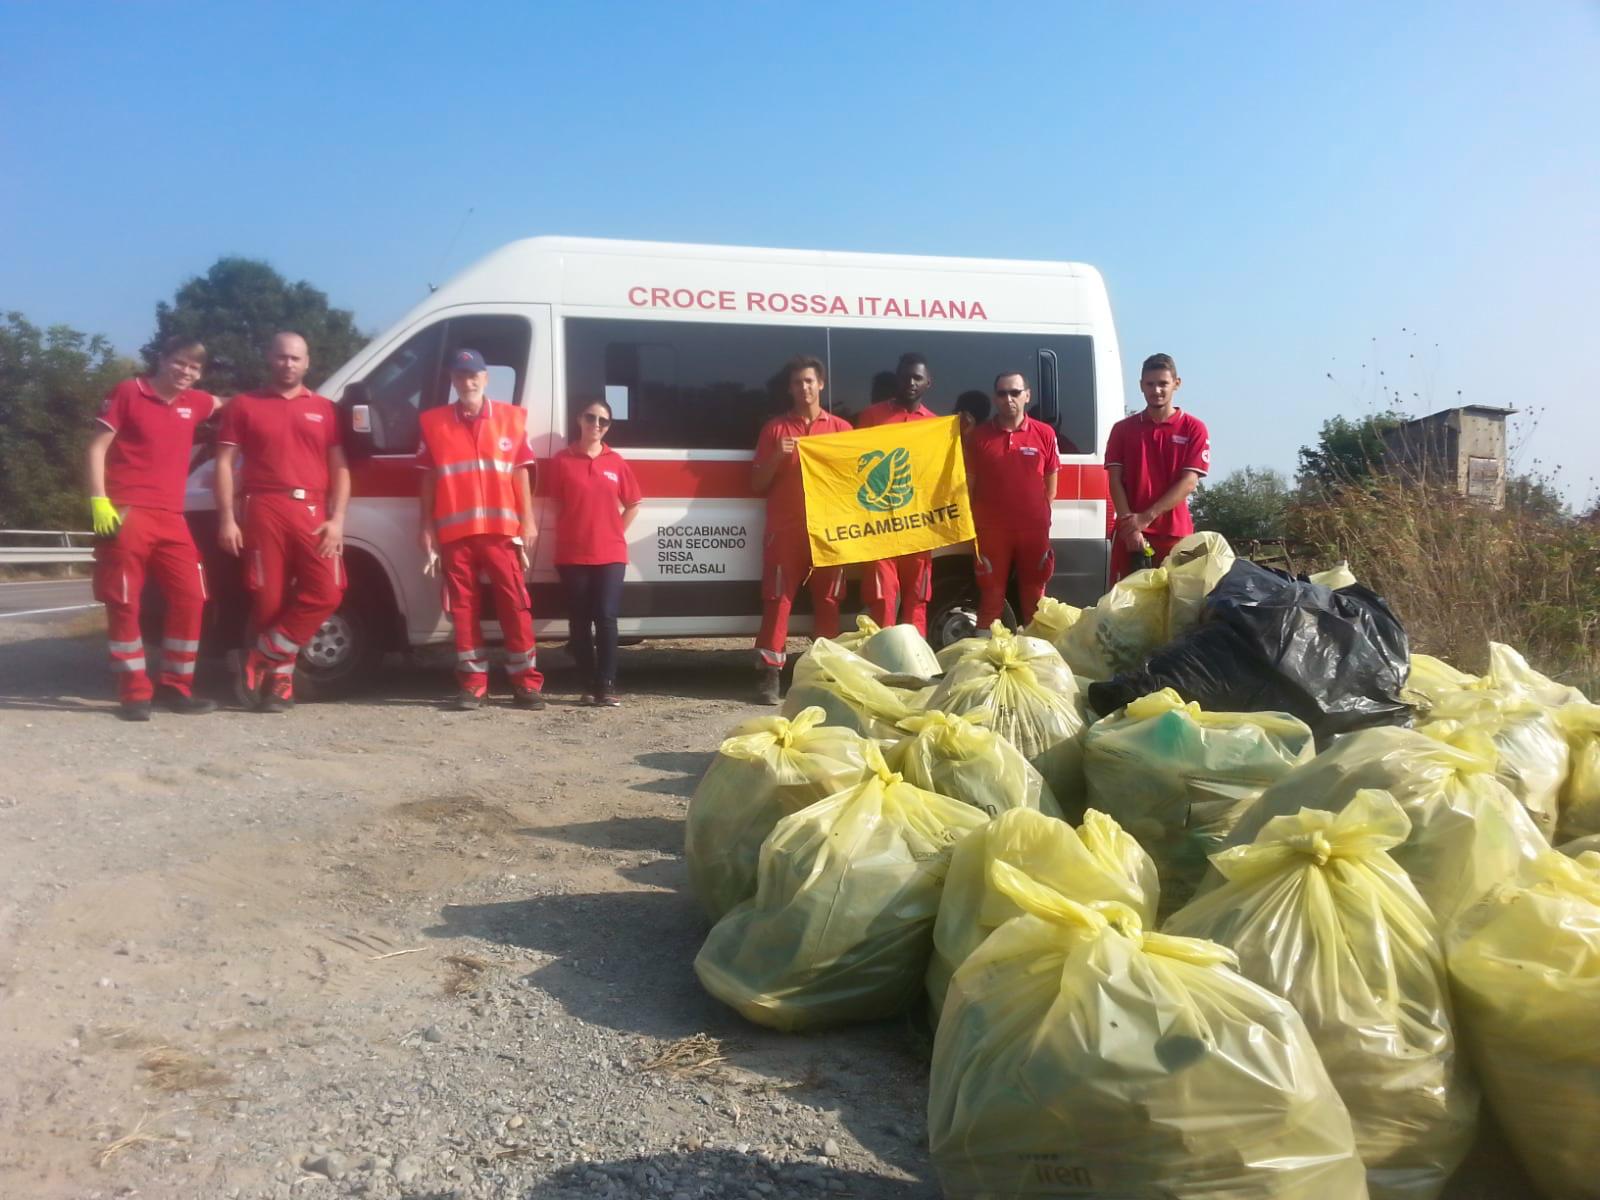 Croce Rossa Italiana - Legambiente - Puliamo il Mondo - MaB Po Grande